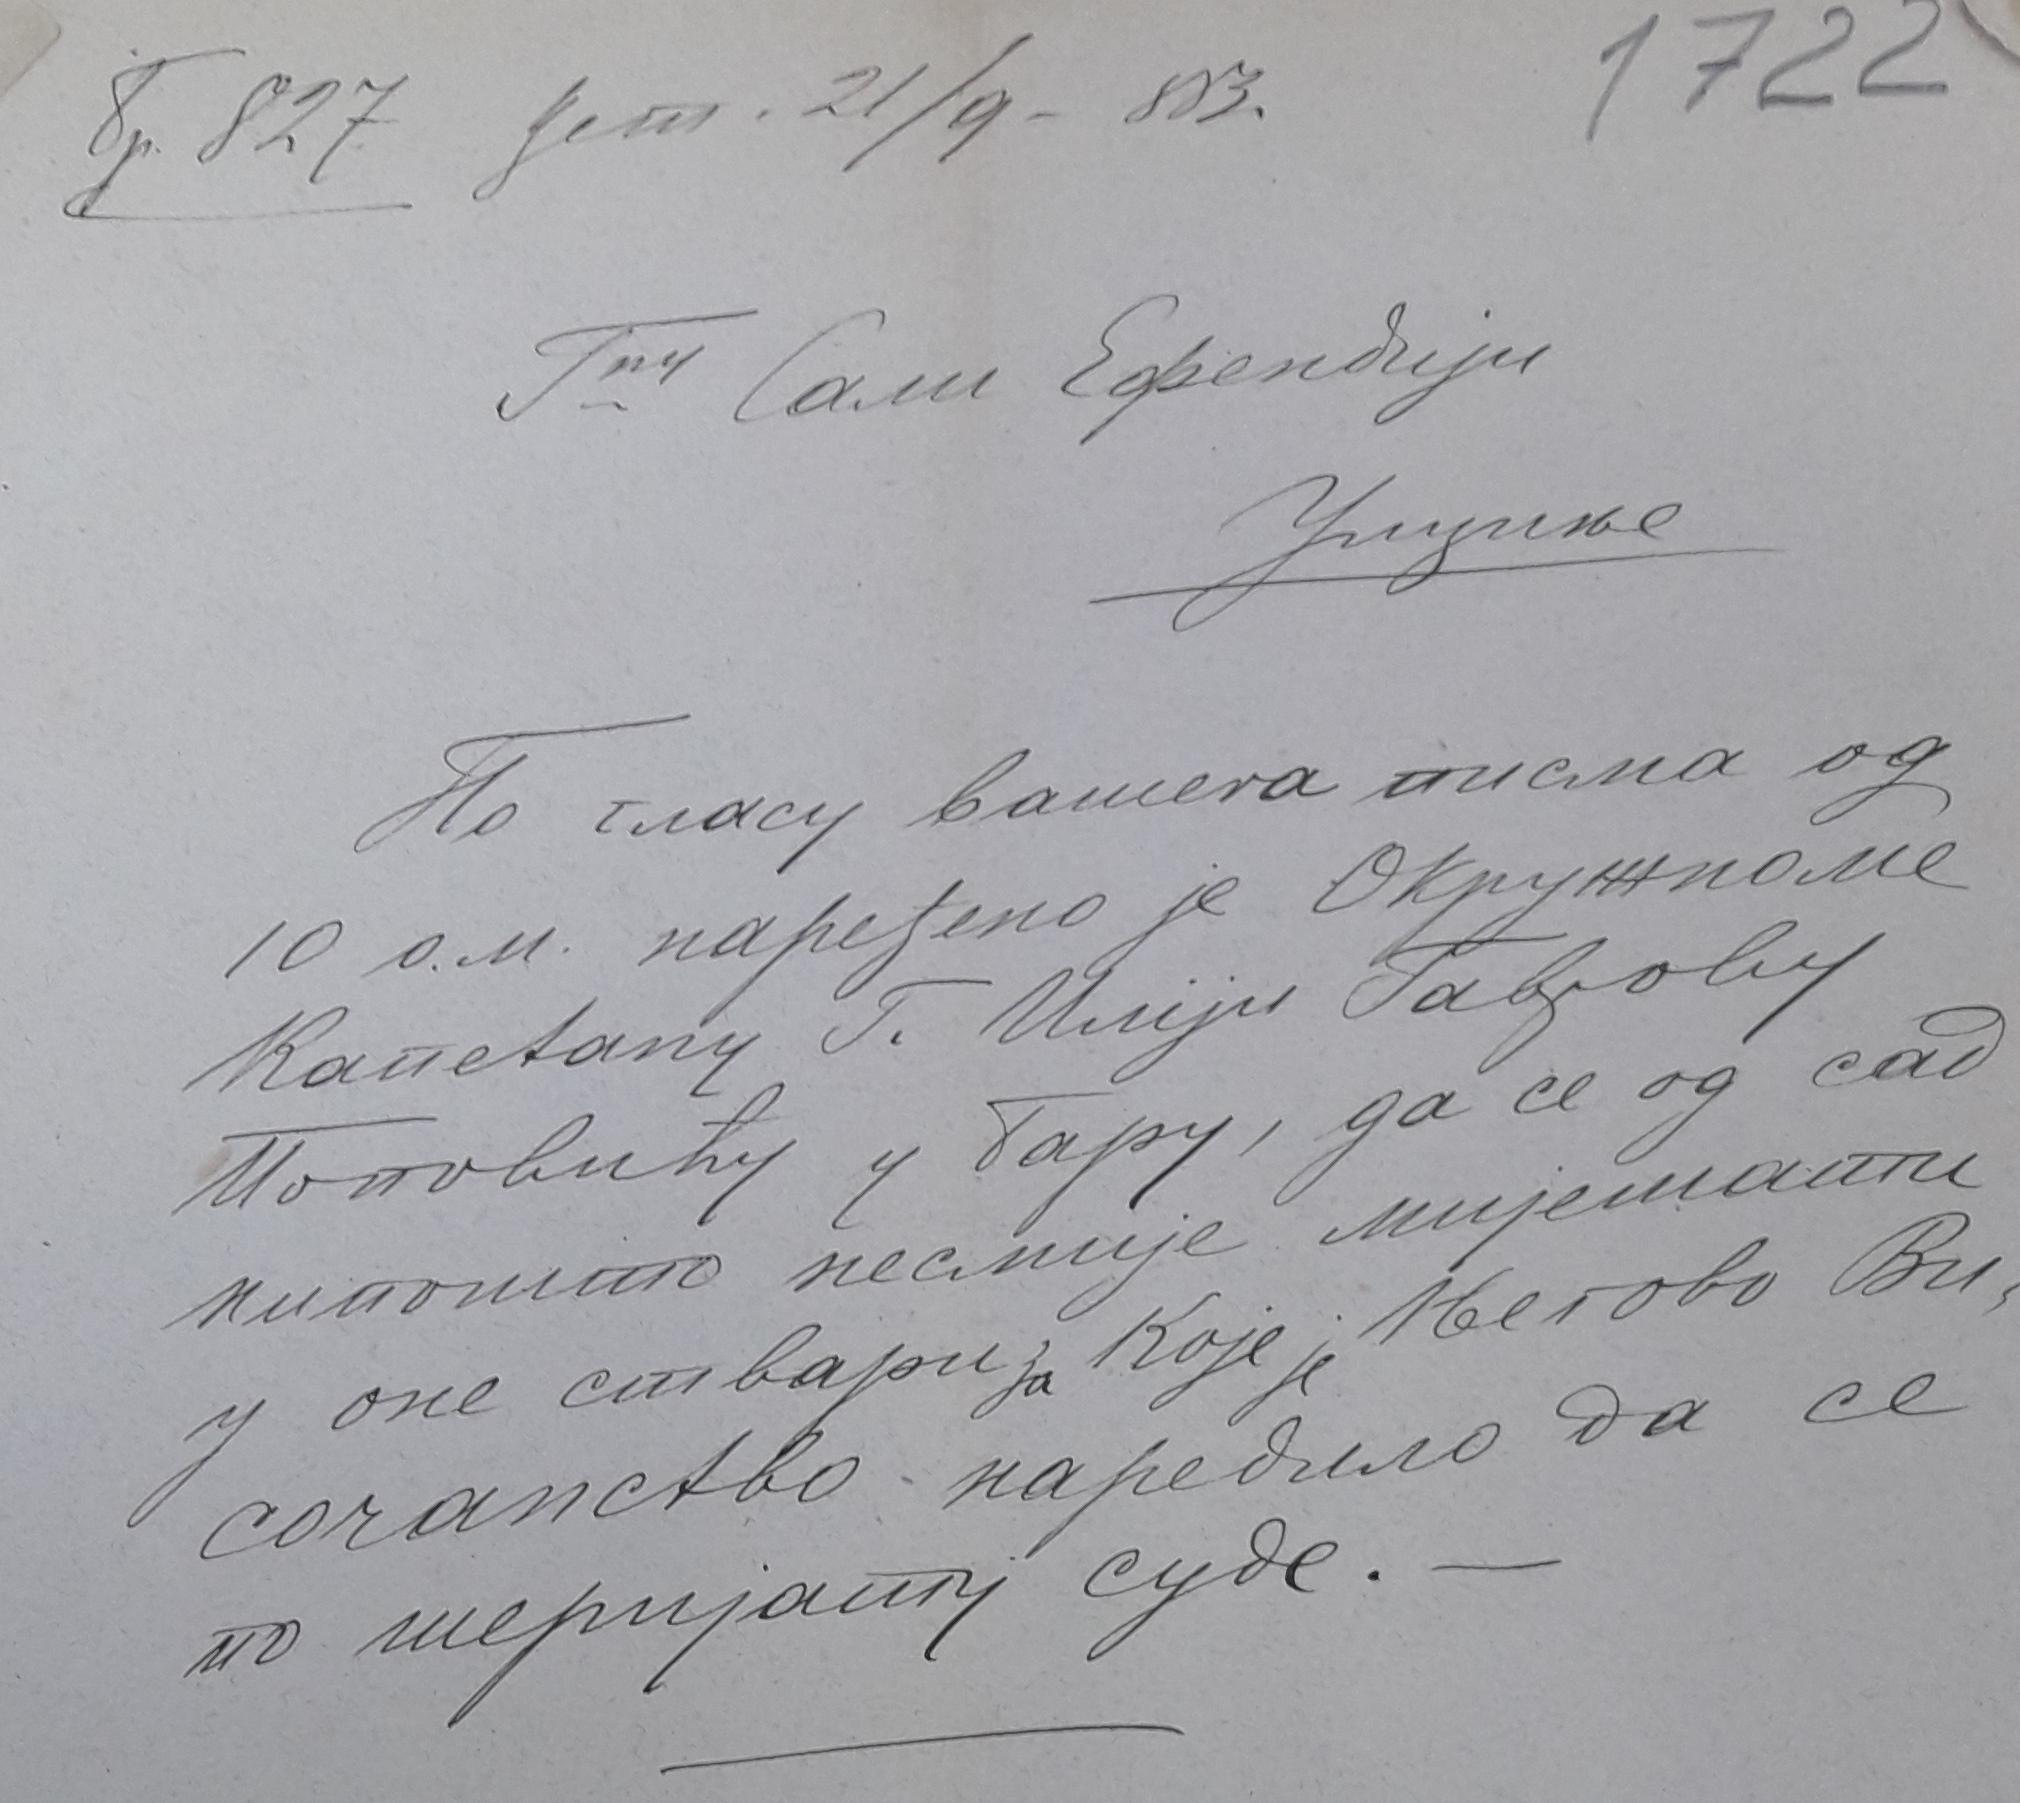 Pismo crnogorskih vlasti Salih efendiji da se barski kapetan više neće miješati u pitanja izvršavanja šerijata, MUD, septembar 1883.